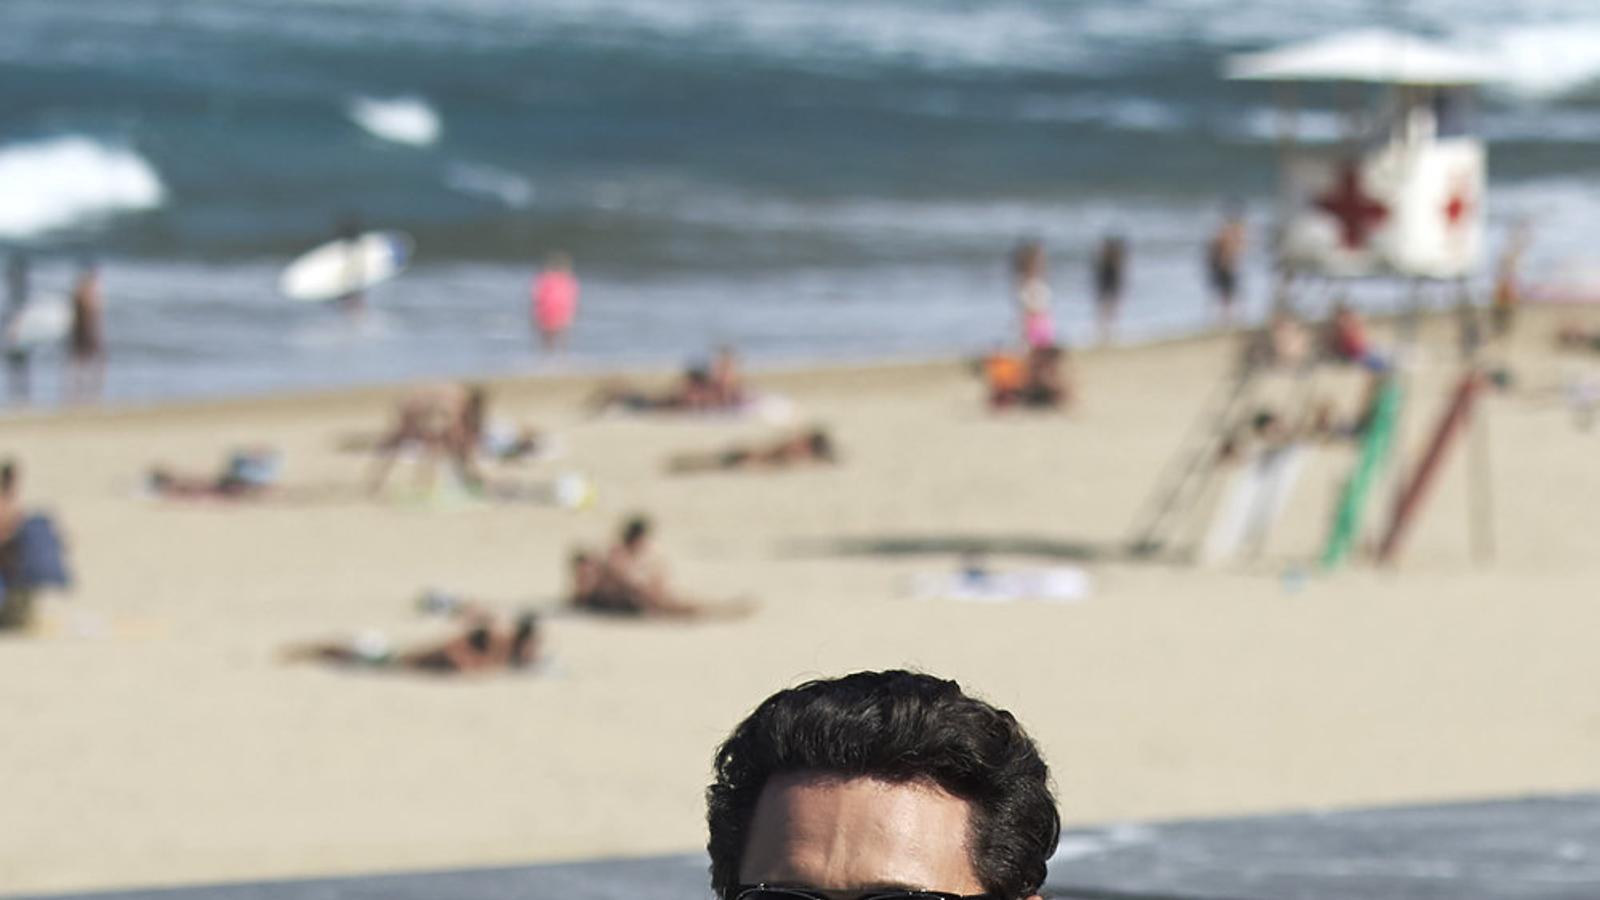 James Franco, acusat d'assetjament sexual